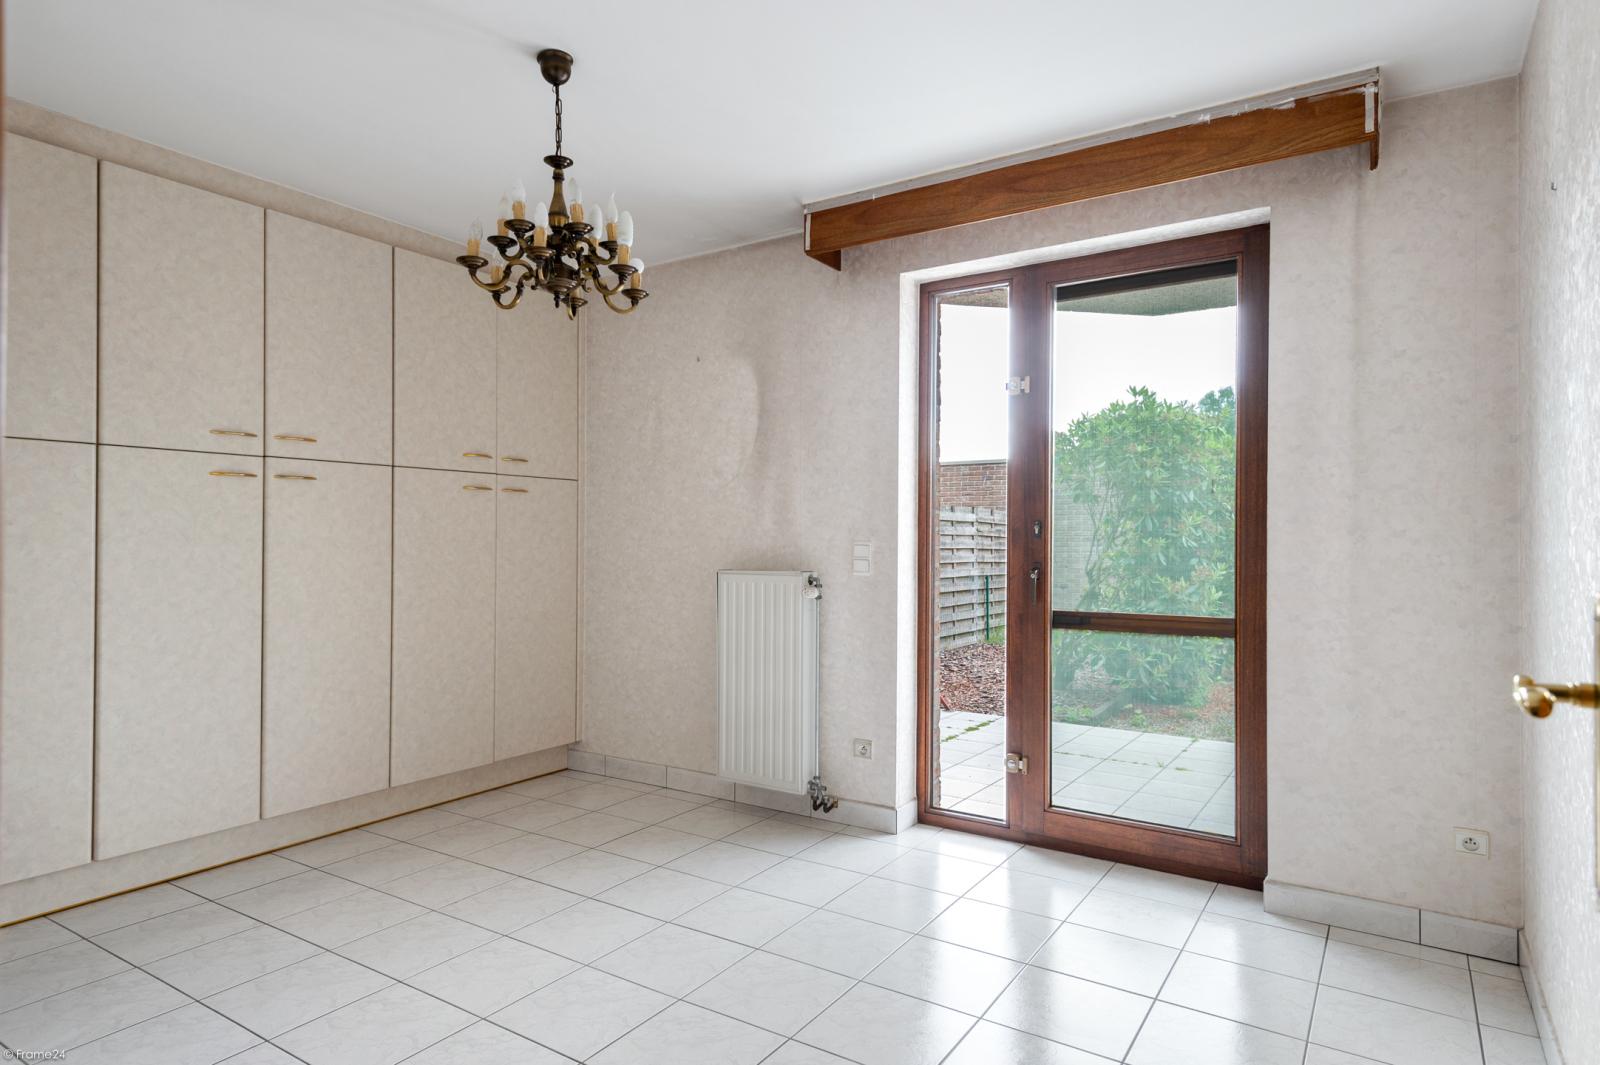 Zeer verzorgd en ruim gelijkvloers appartement (+/- 100m²) met tuin nabij het centrum van Schoten! afbeelding 10